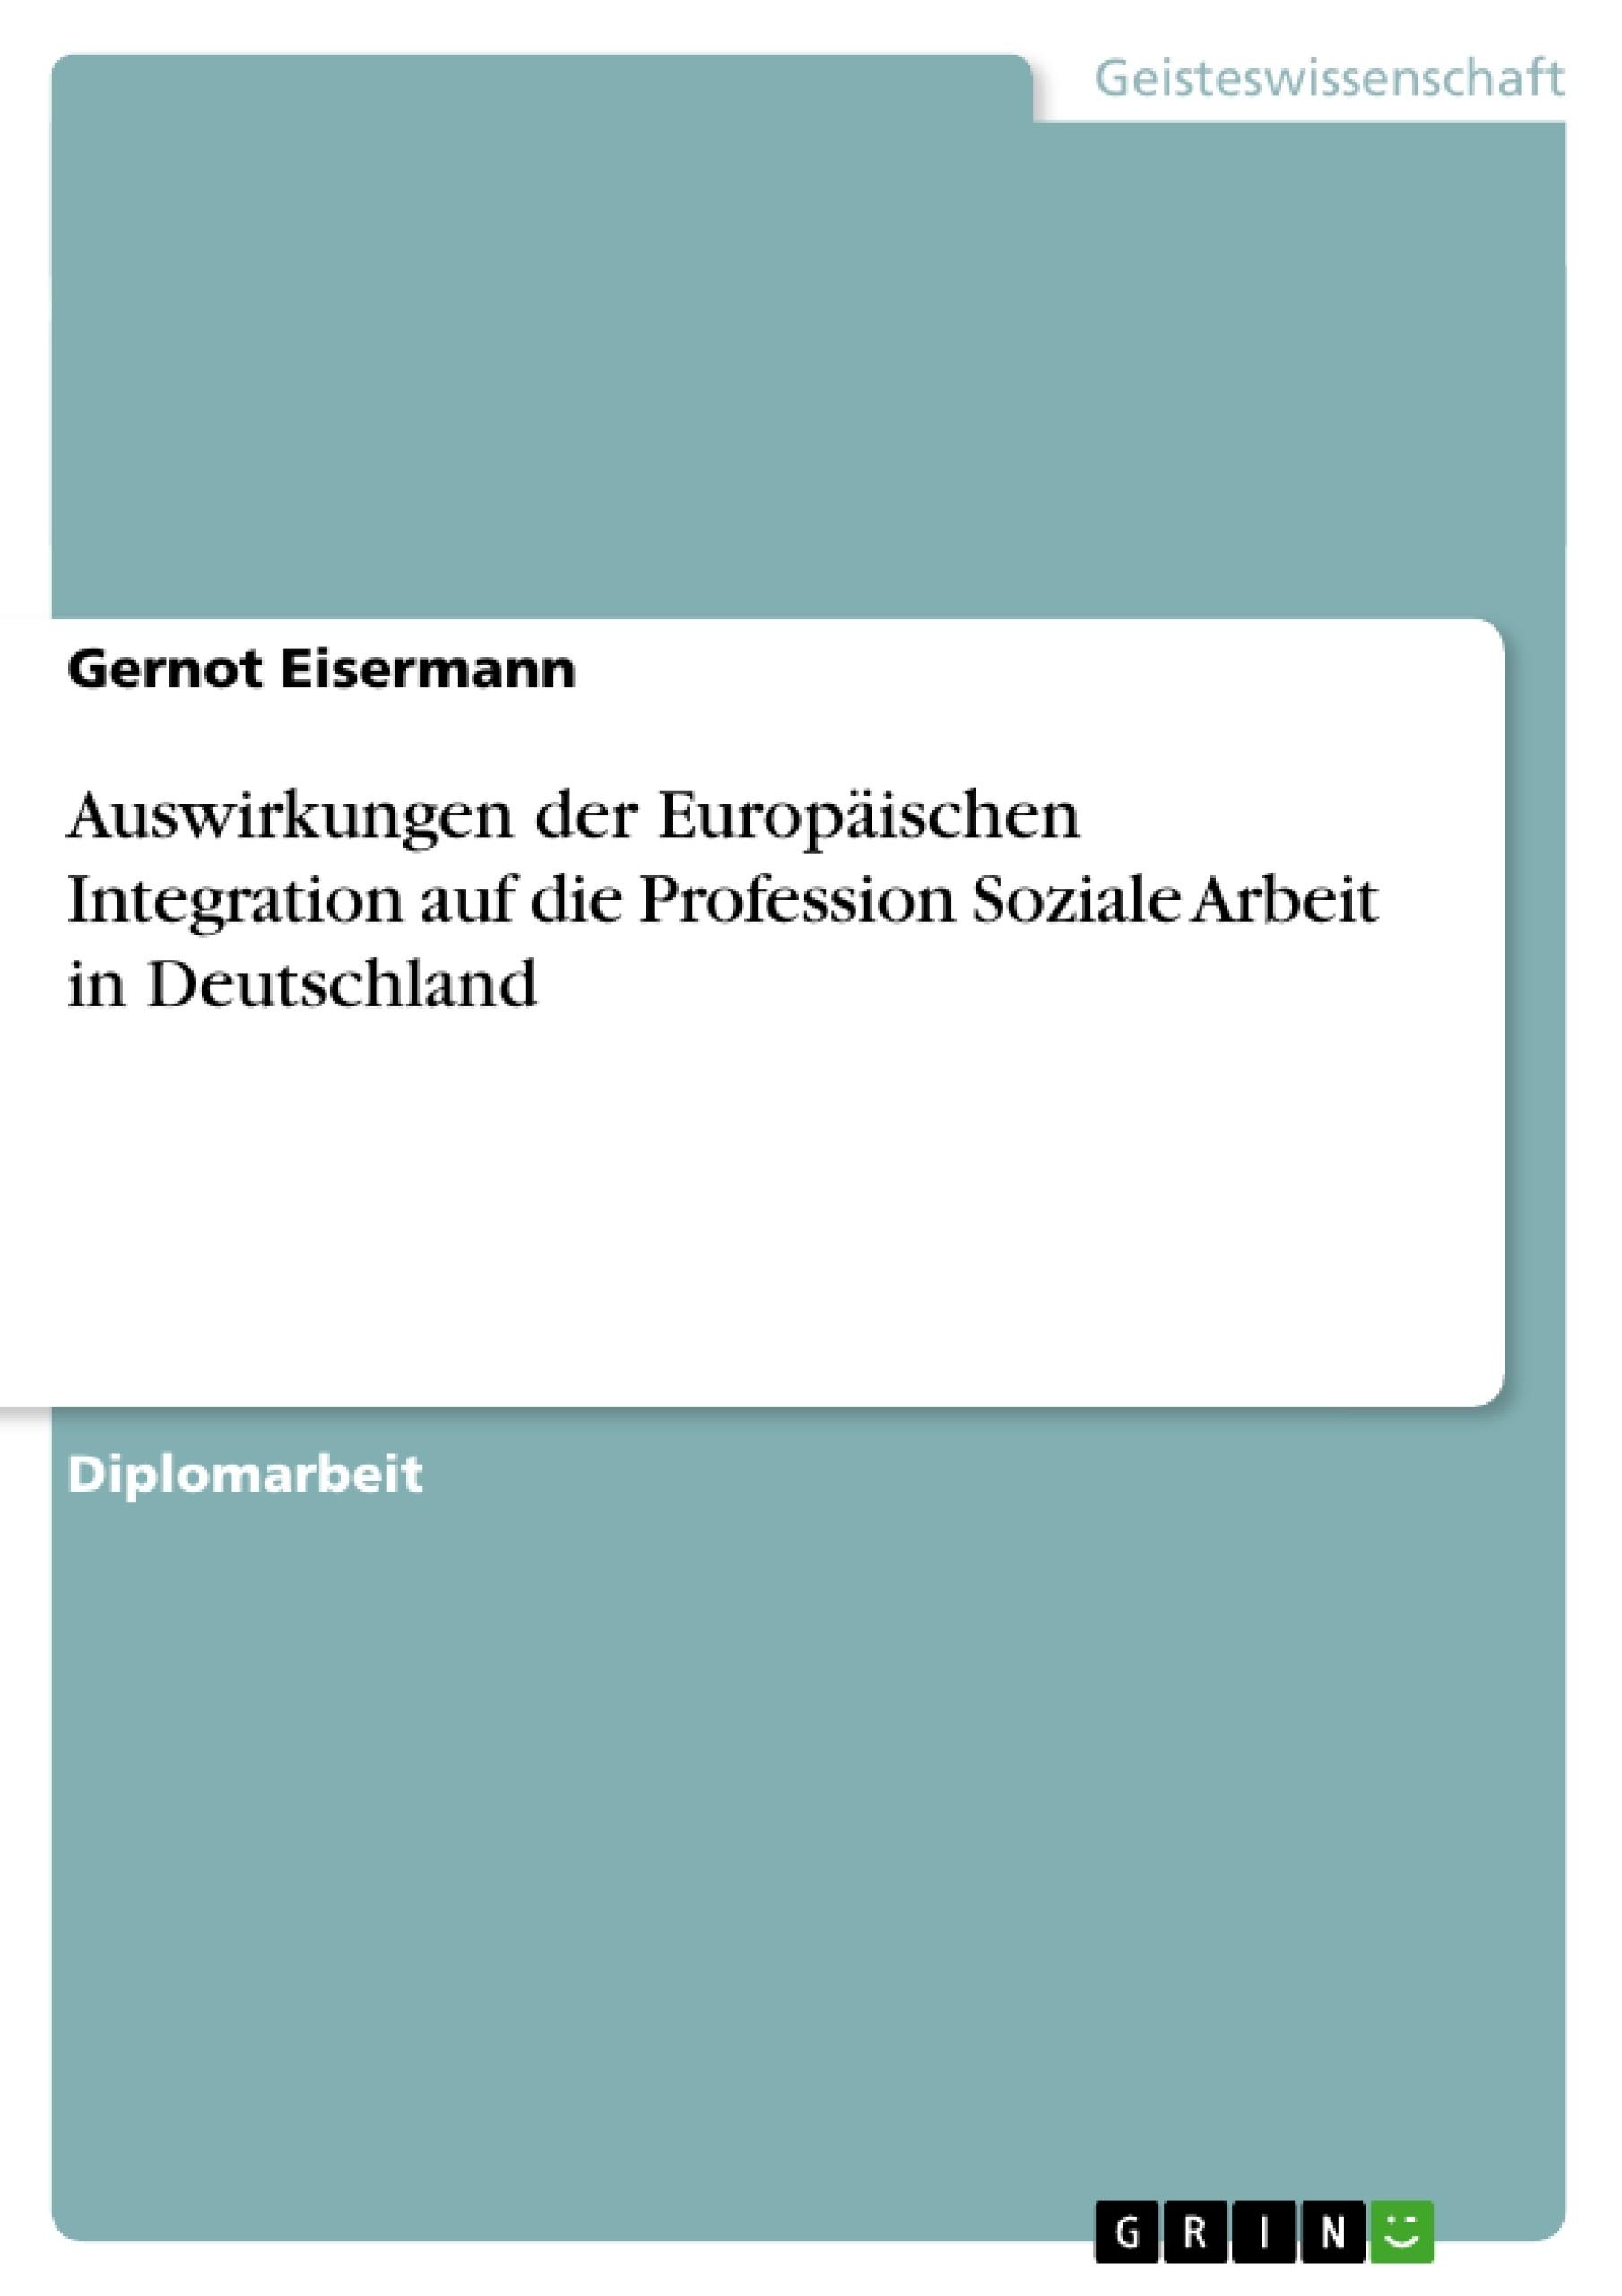 Titel: Auswirkungen der Europäischen Integration auf die Profession Soziale Arbeit in Deutschland